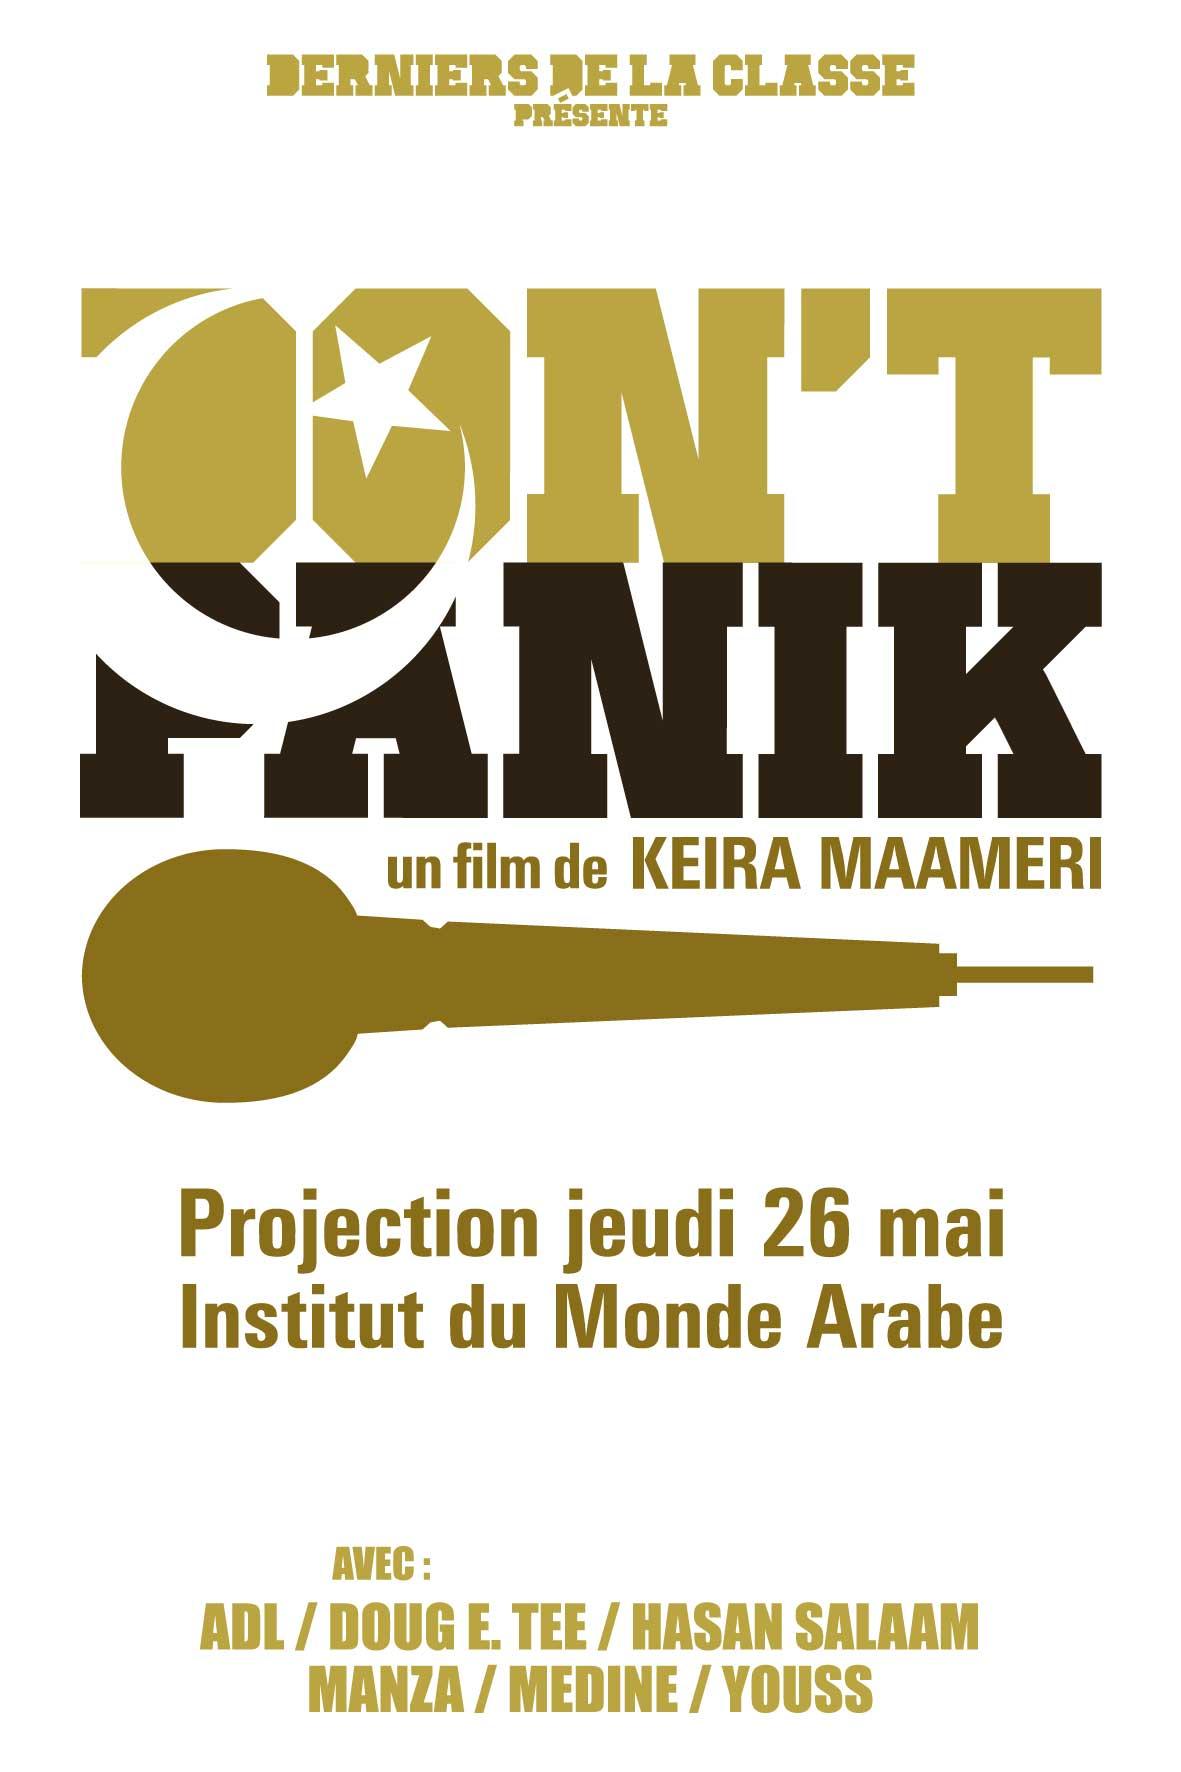 Don't Panik, l'affiche